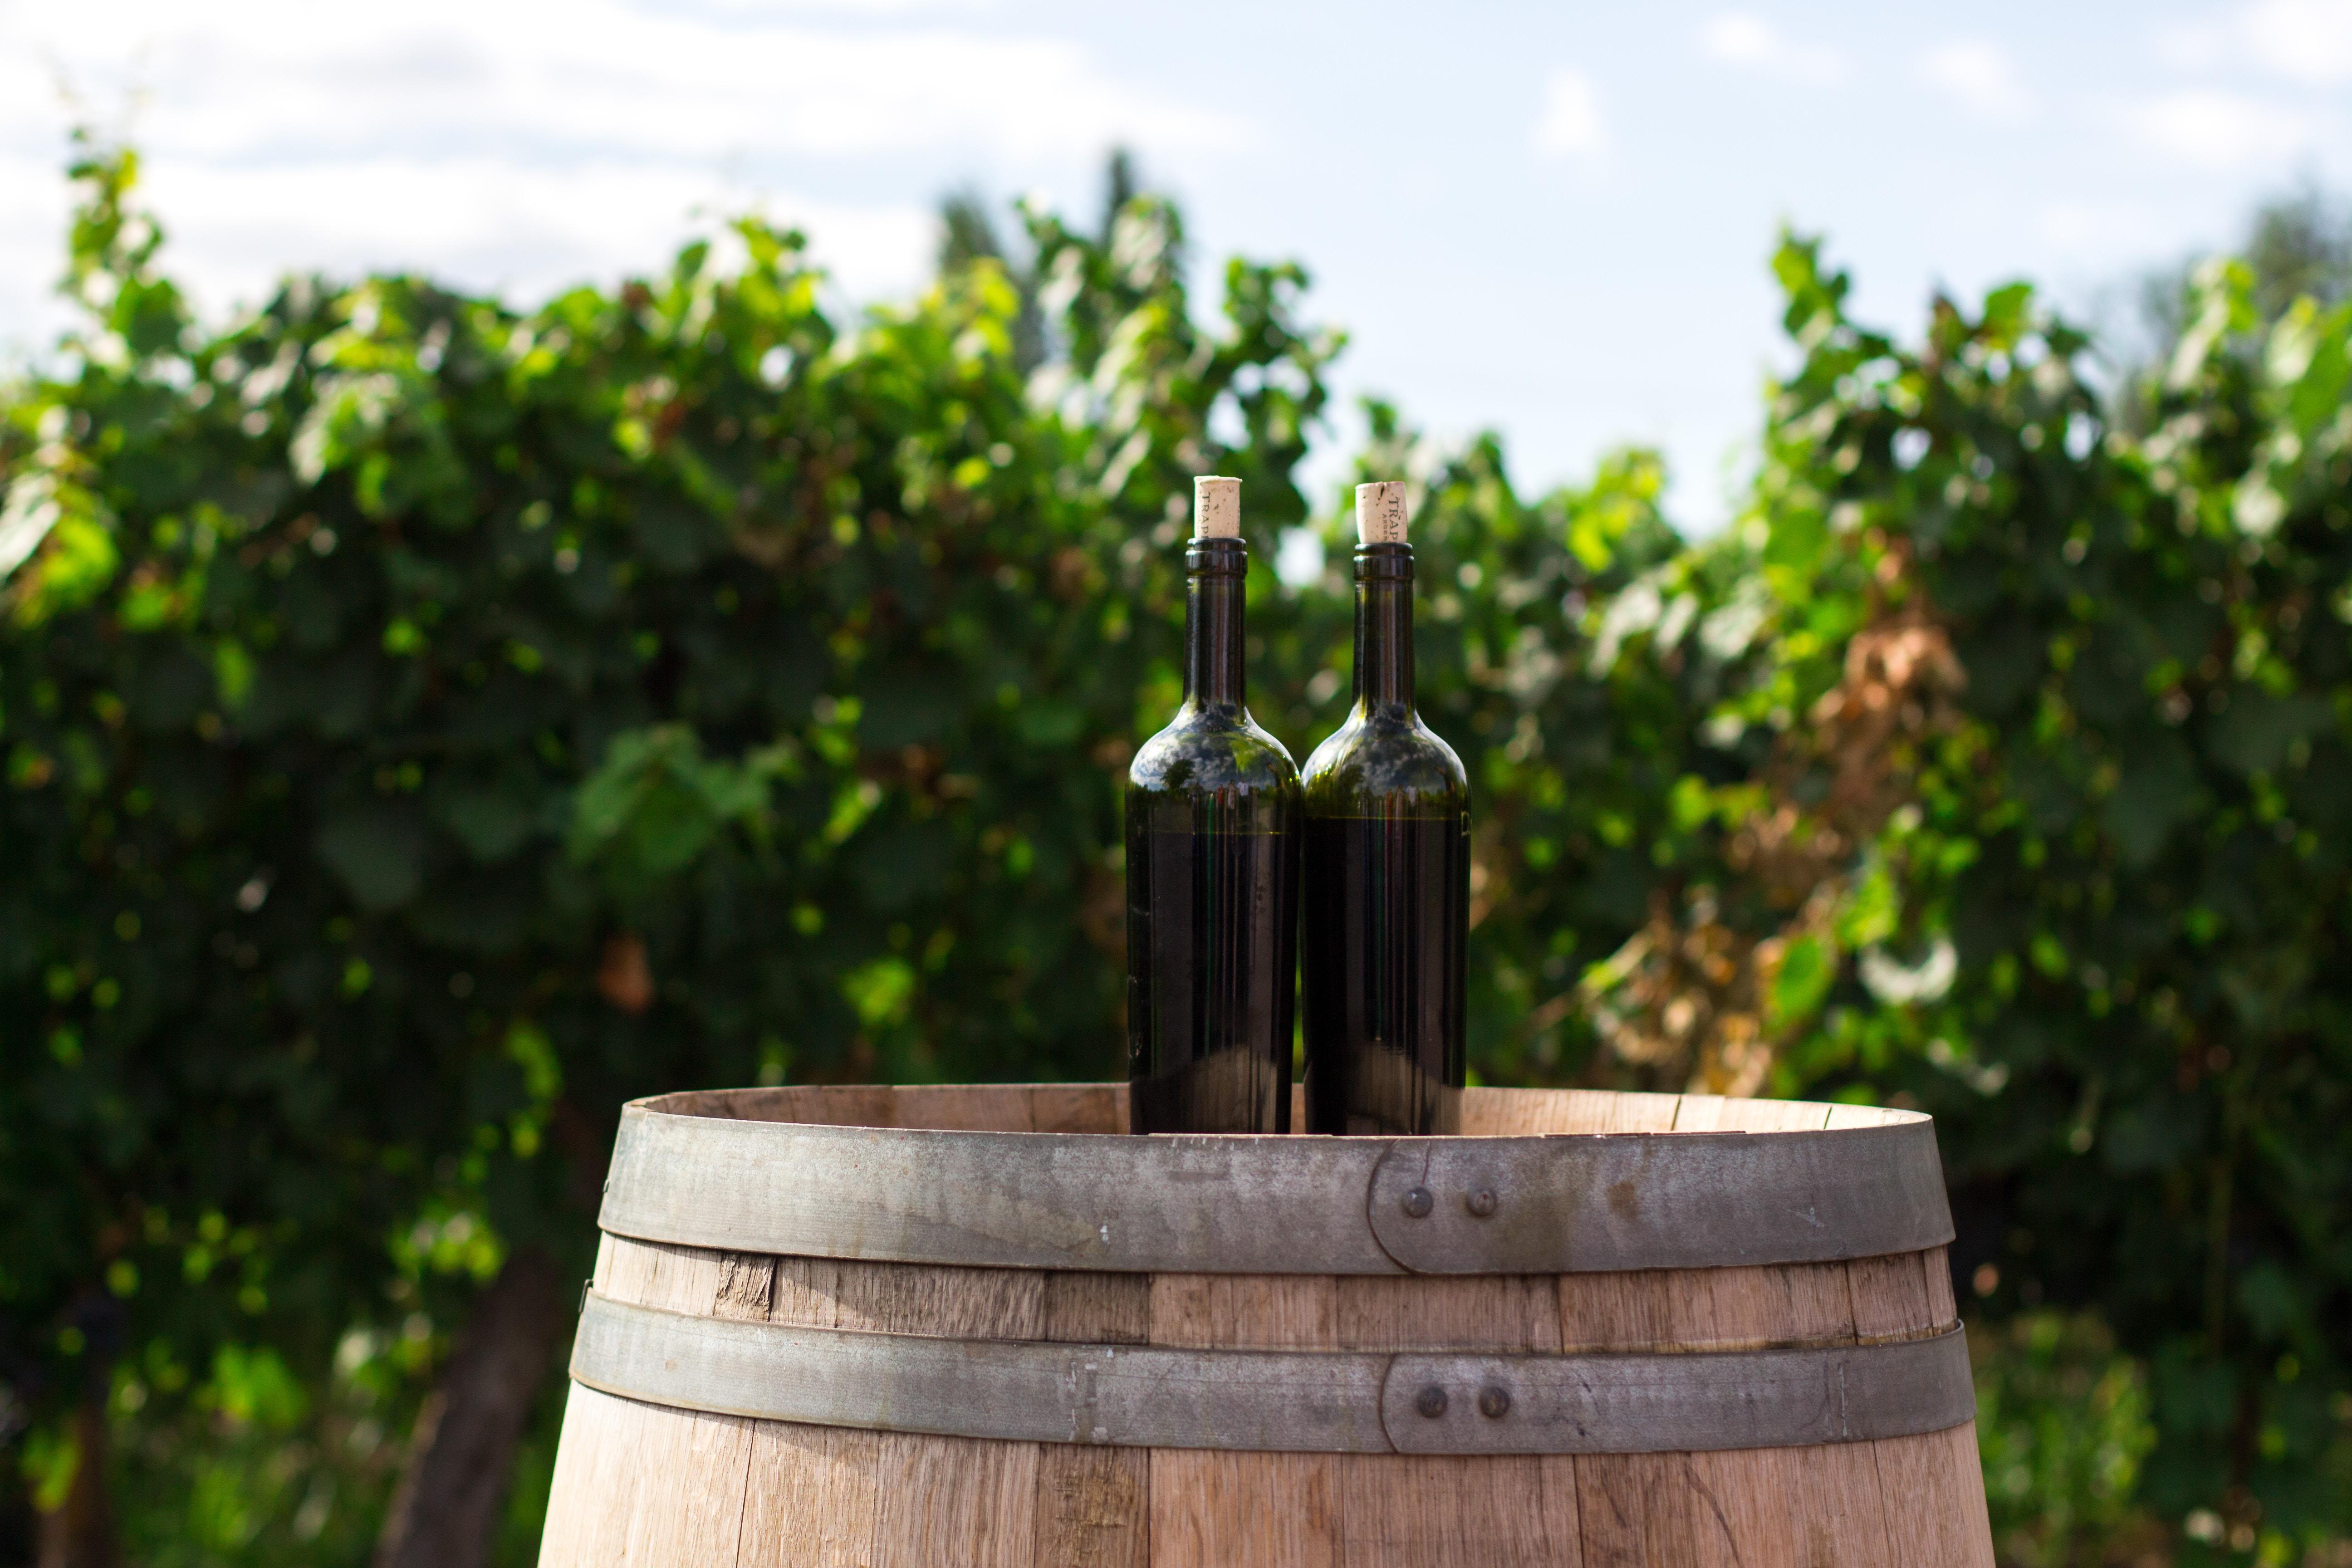 Getaway Wine Pairings